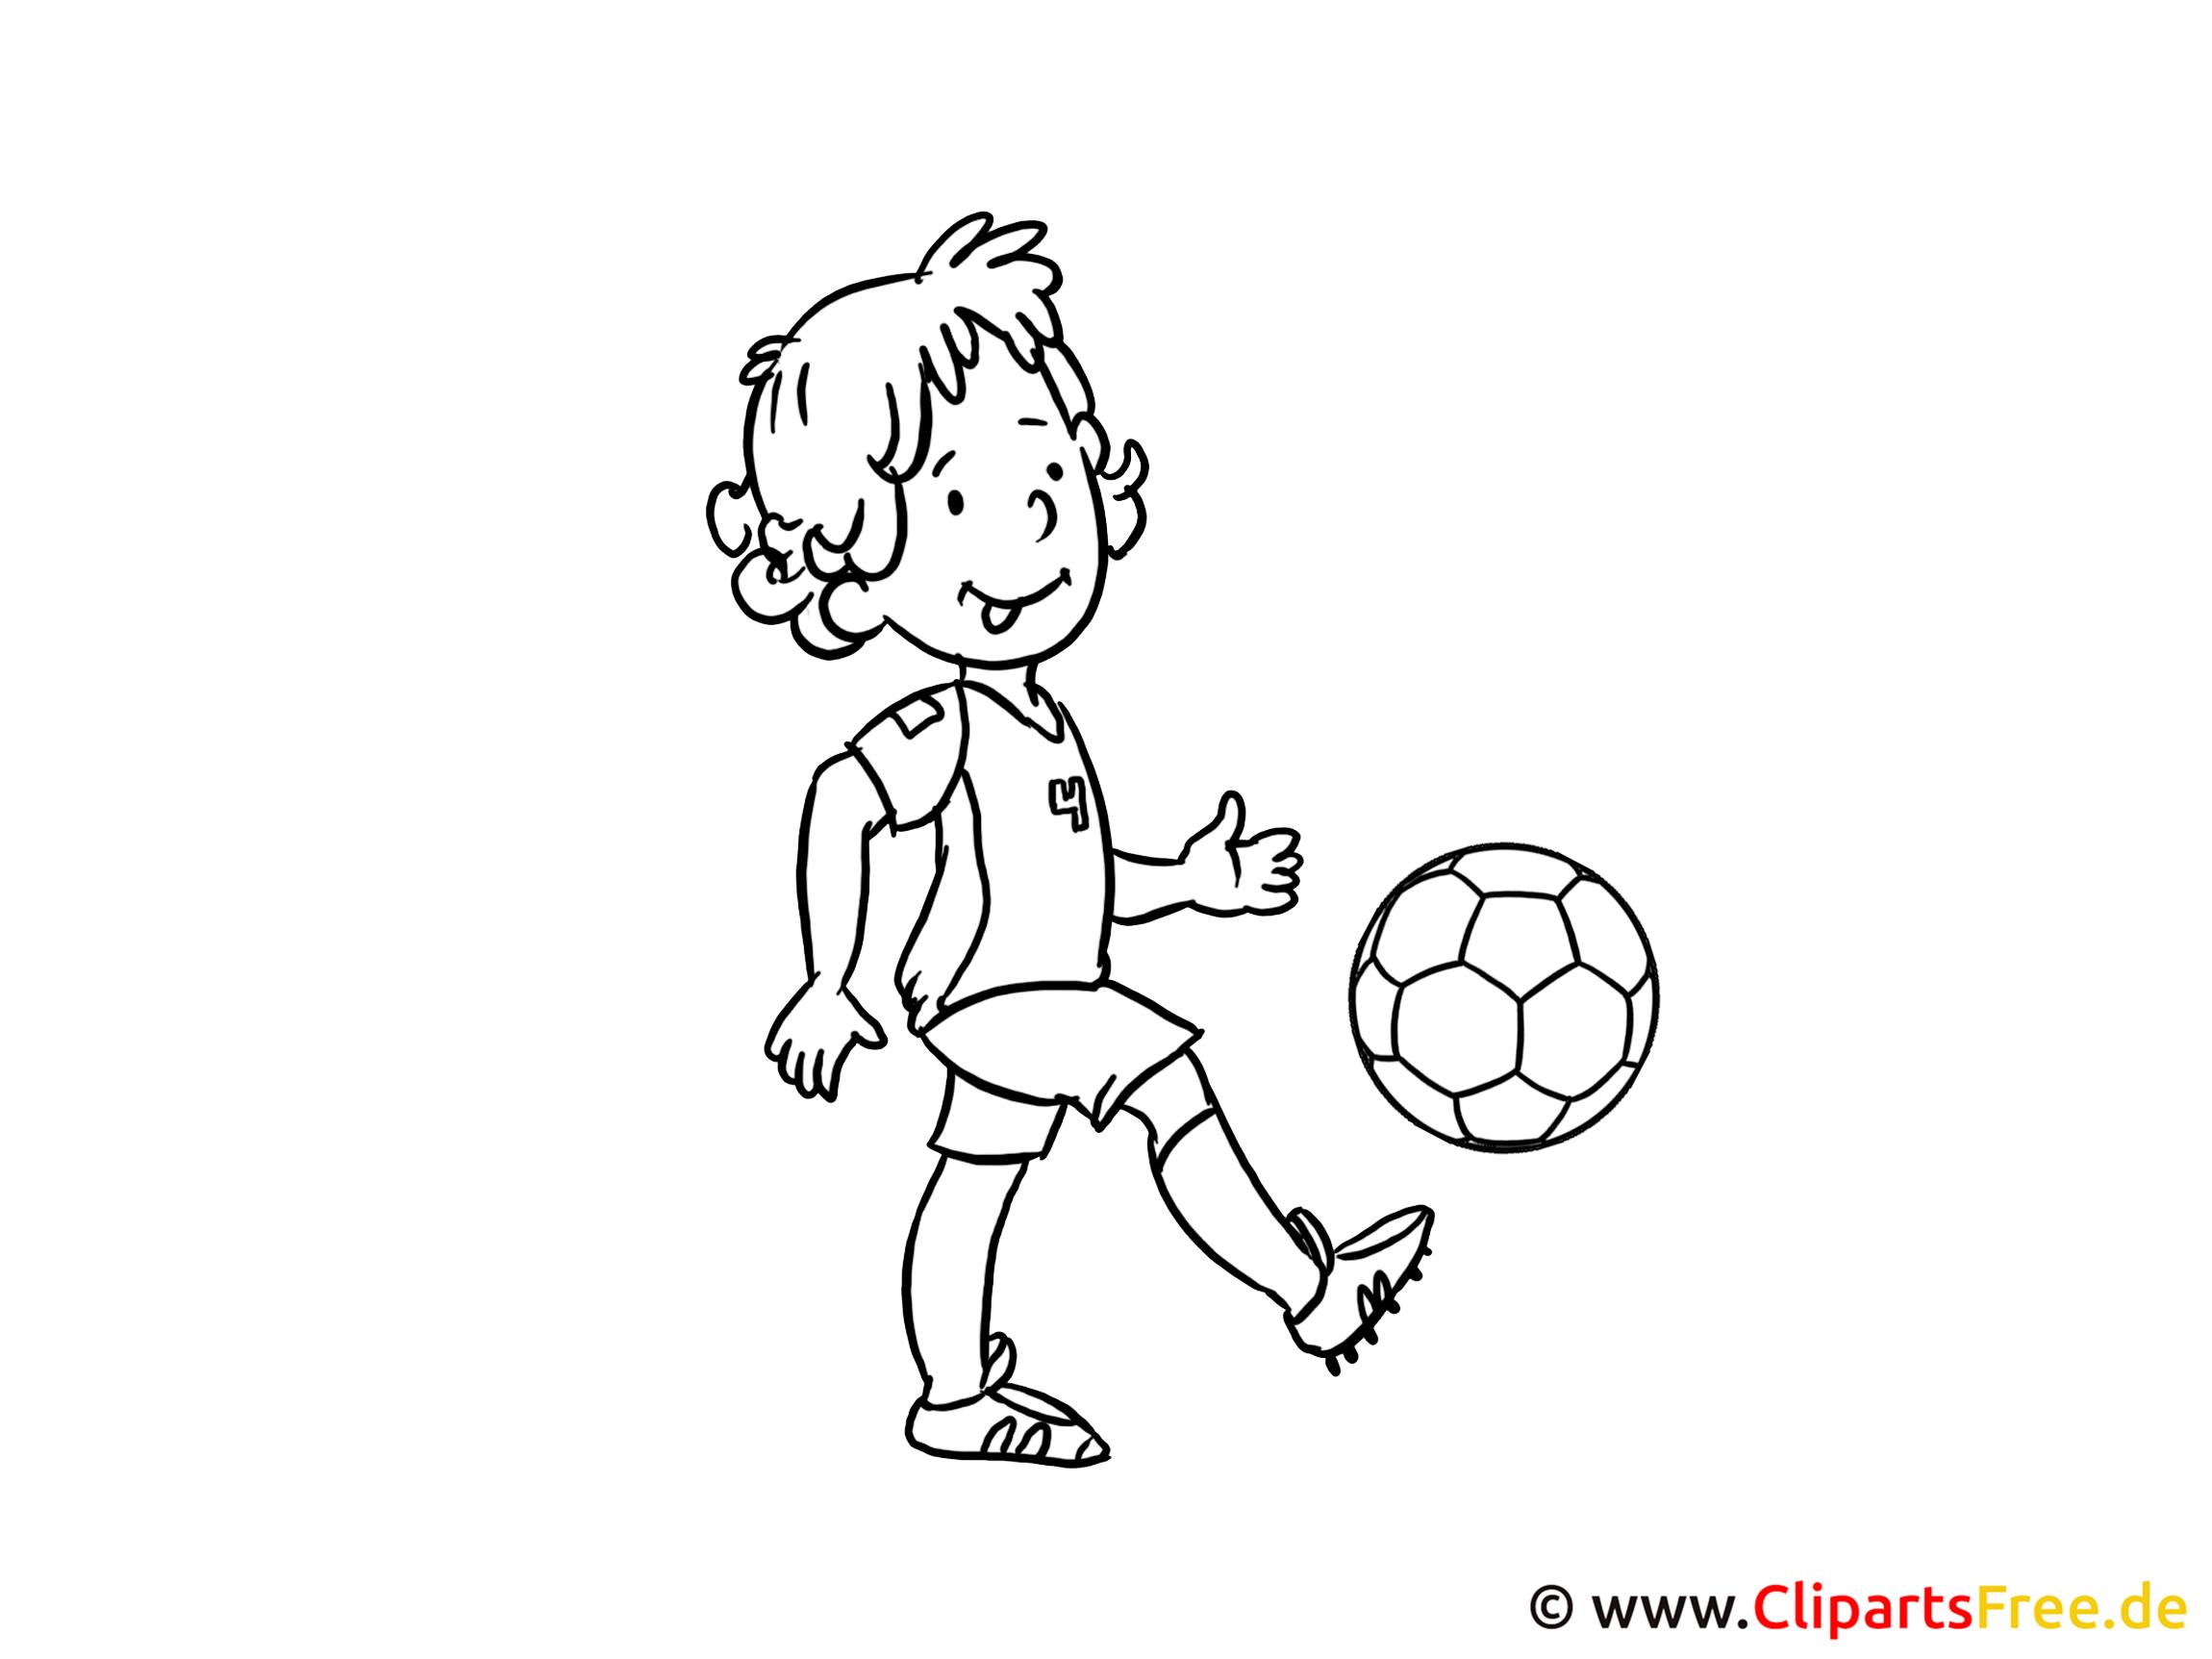 Kinderbild zum ausmalen und ausdrucken gratis f r kiga und - Bilder zum verschicken gratis ...